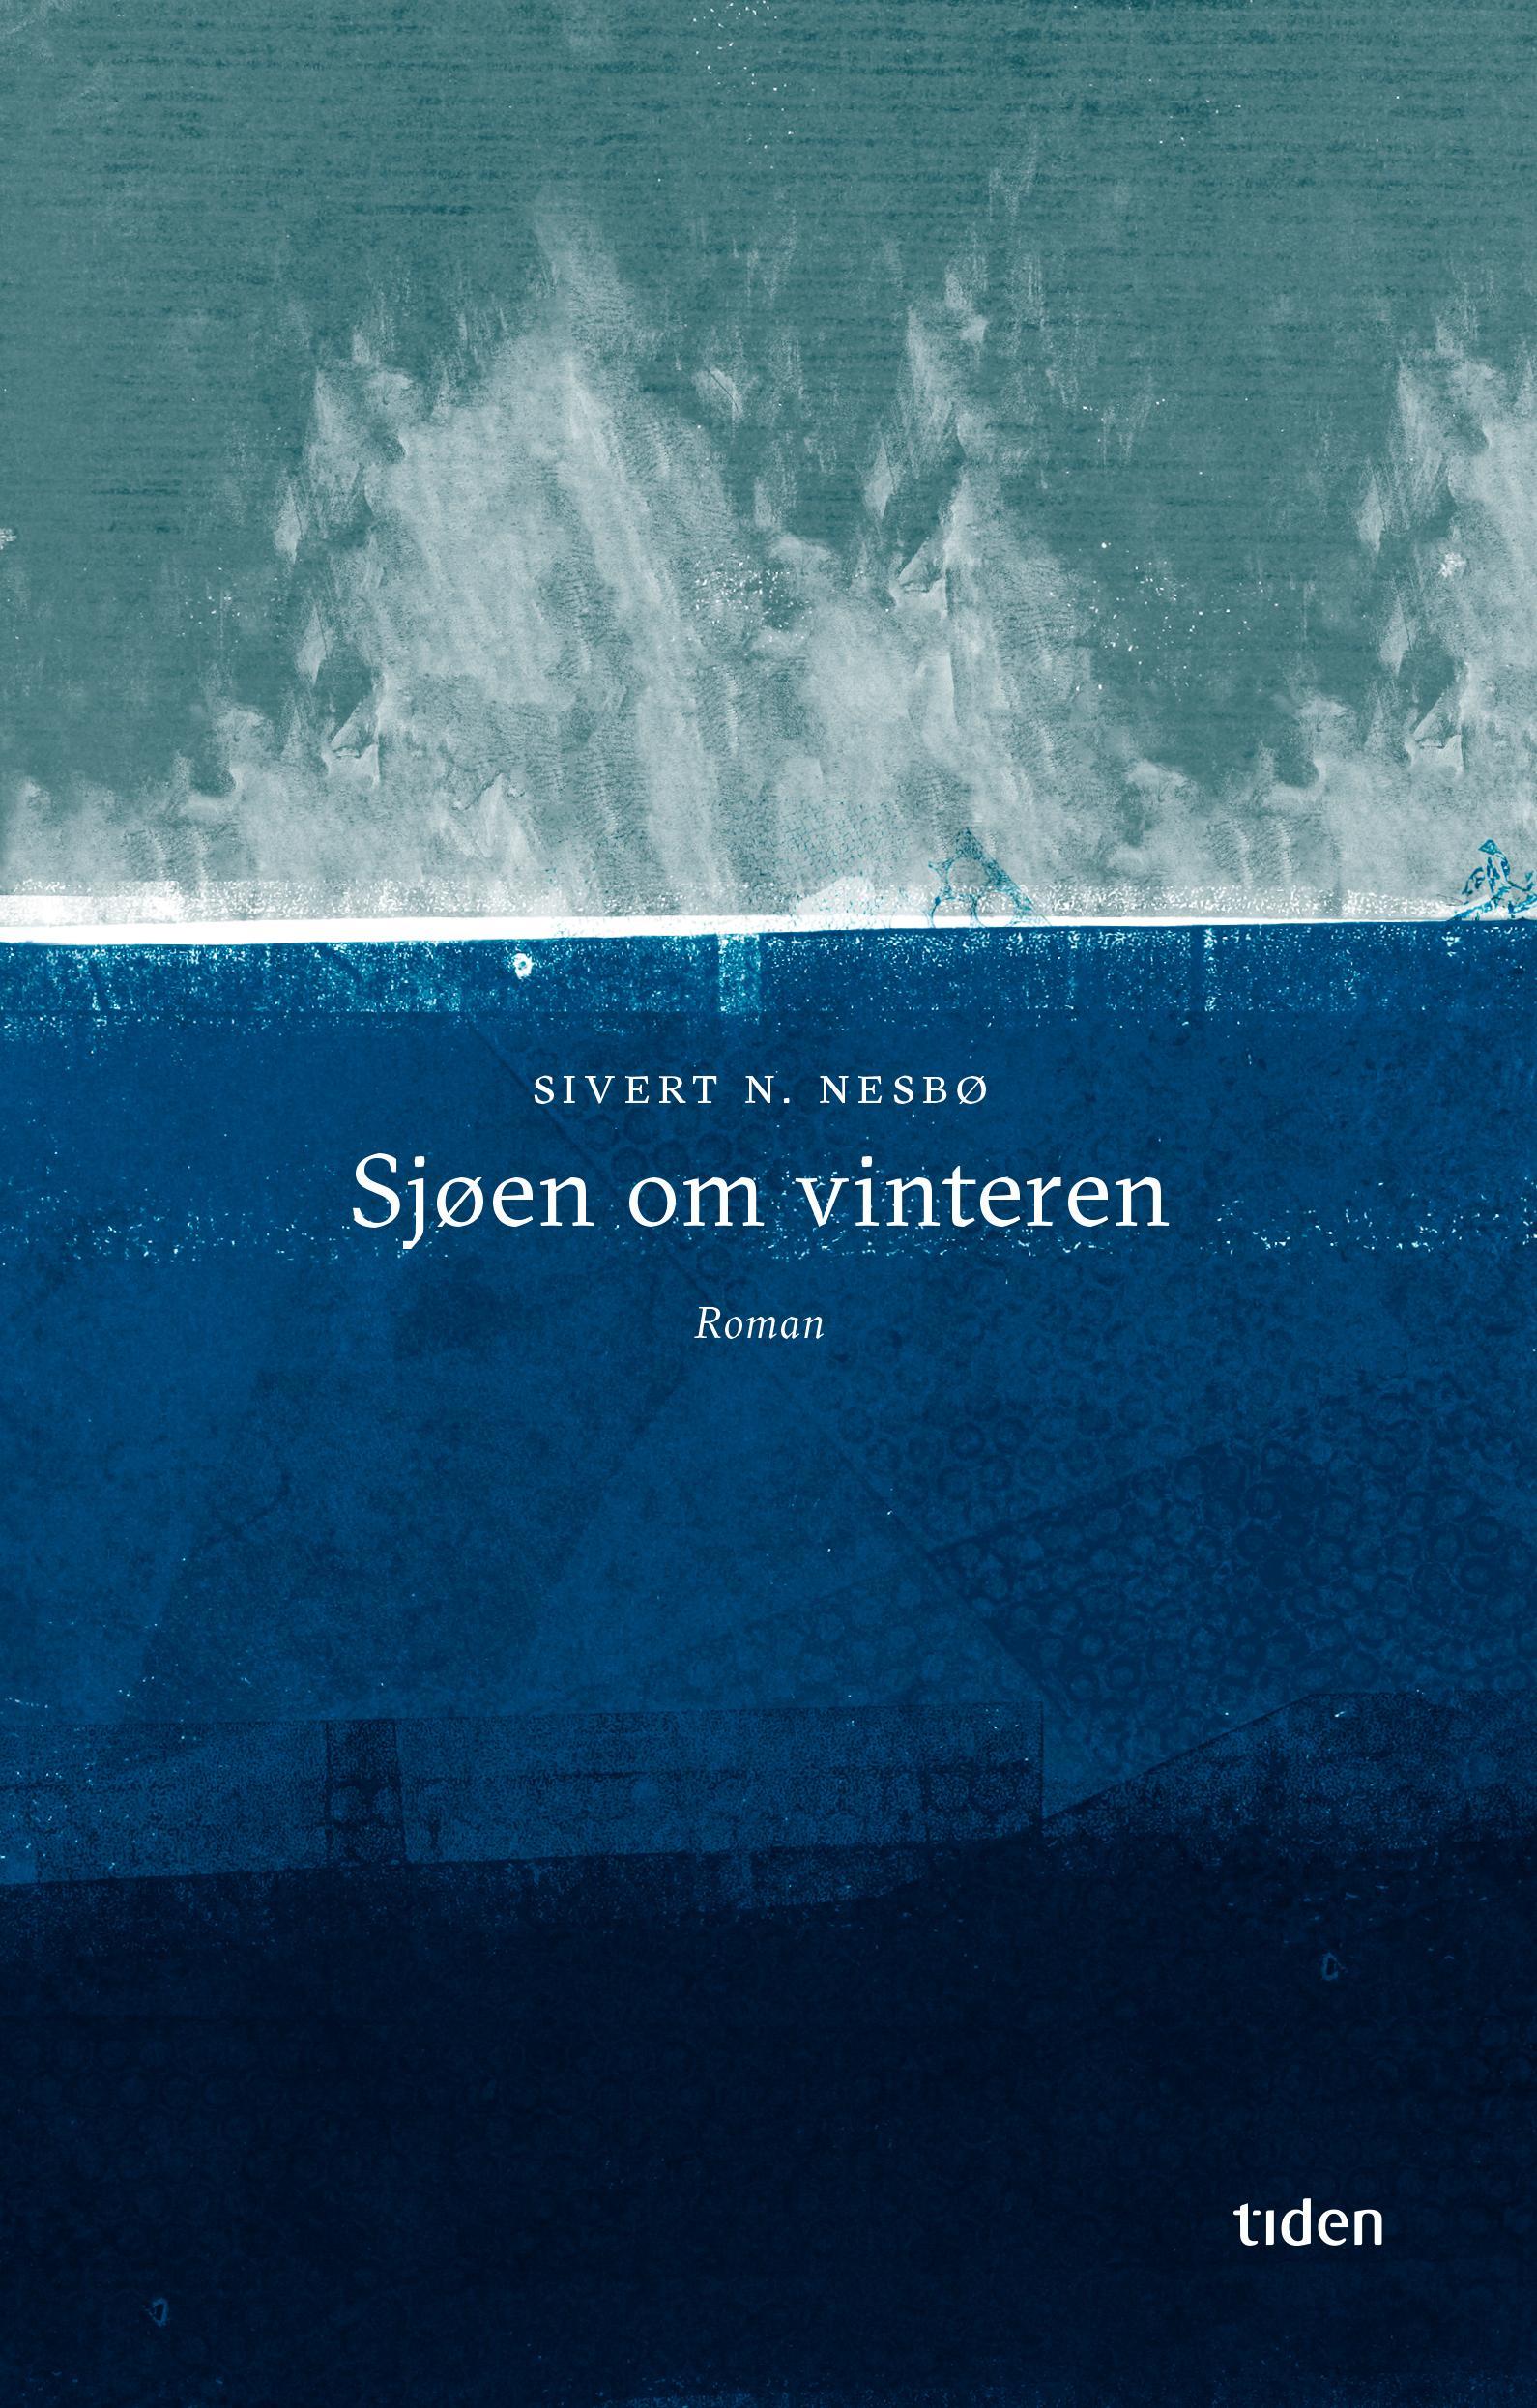 """""""Sjøen om vinteren - roman"""" av Sivert N. Nesbø"""